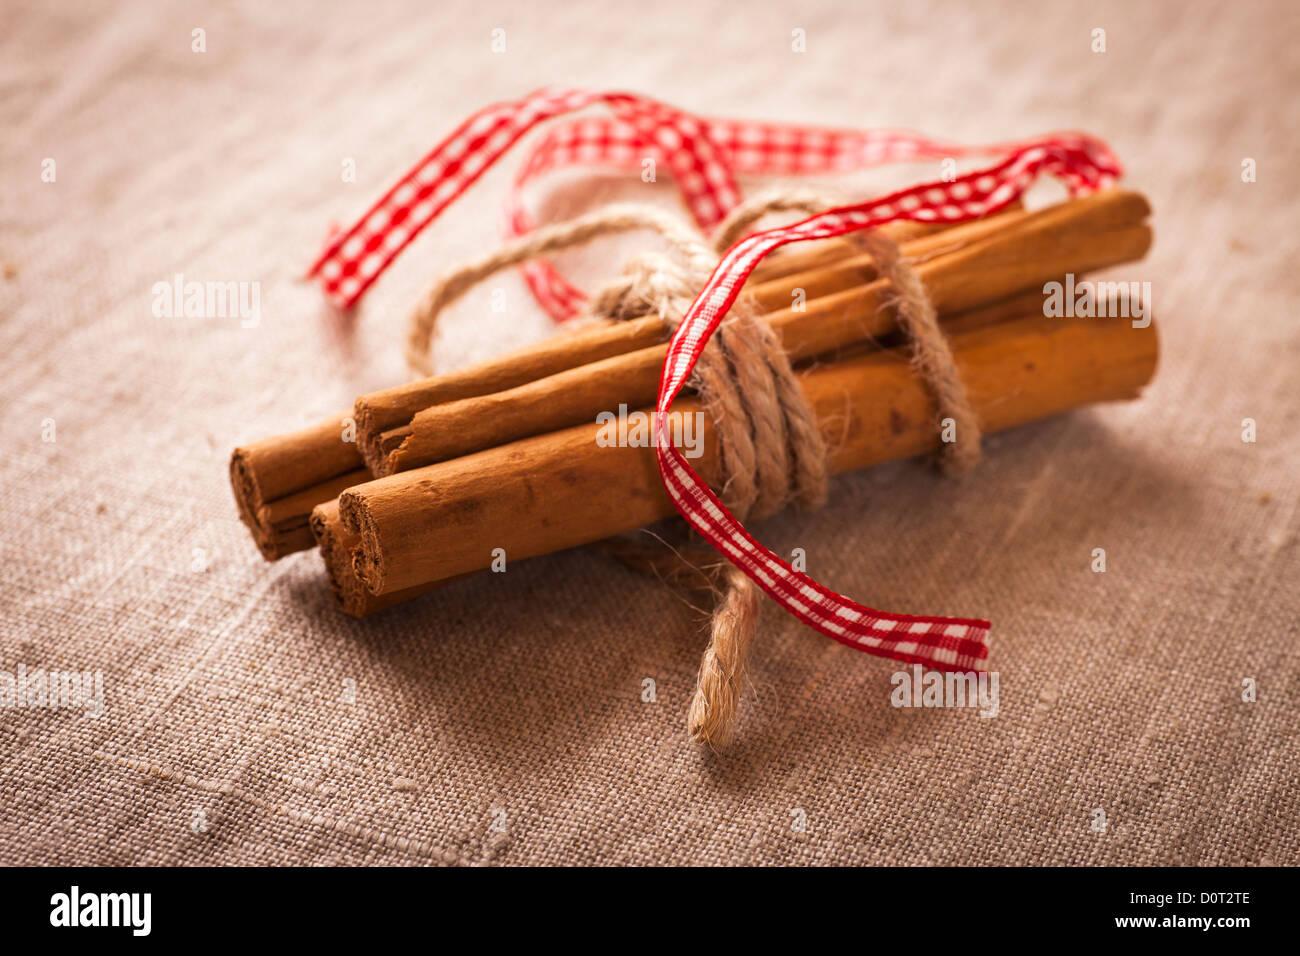 Dekorative, spärliche Weihnachtsarrangement mit Grußkarte Exemplar für 'Frohe Weihnachten' Stockbild